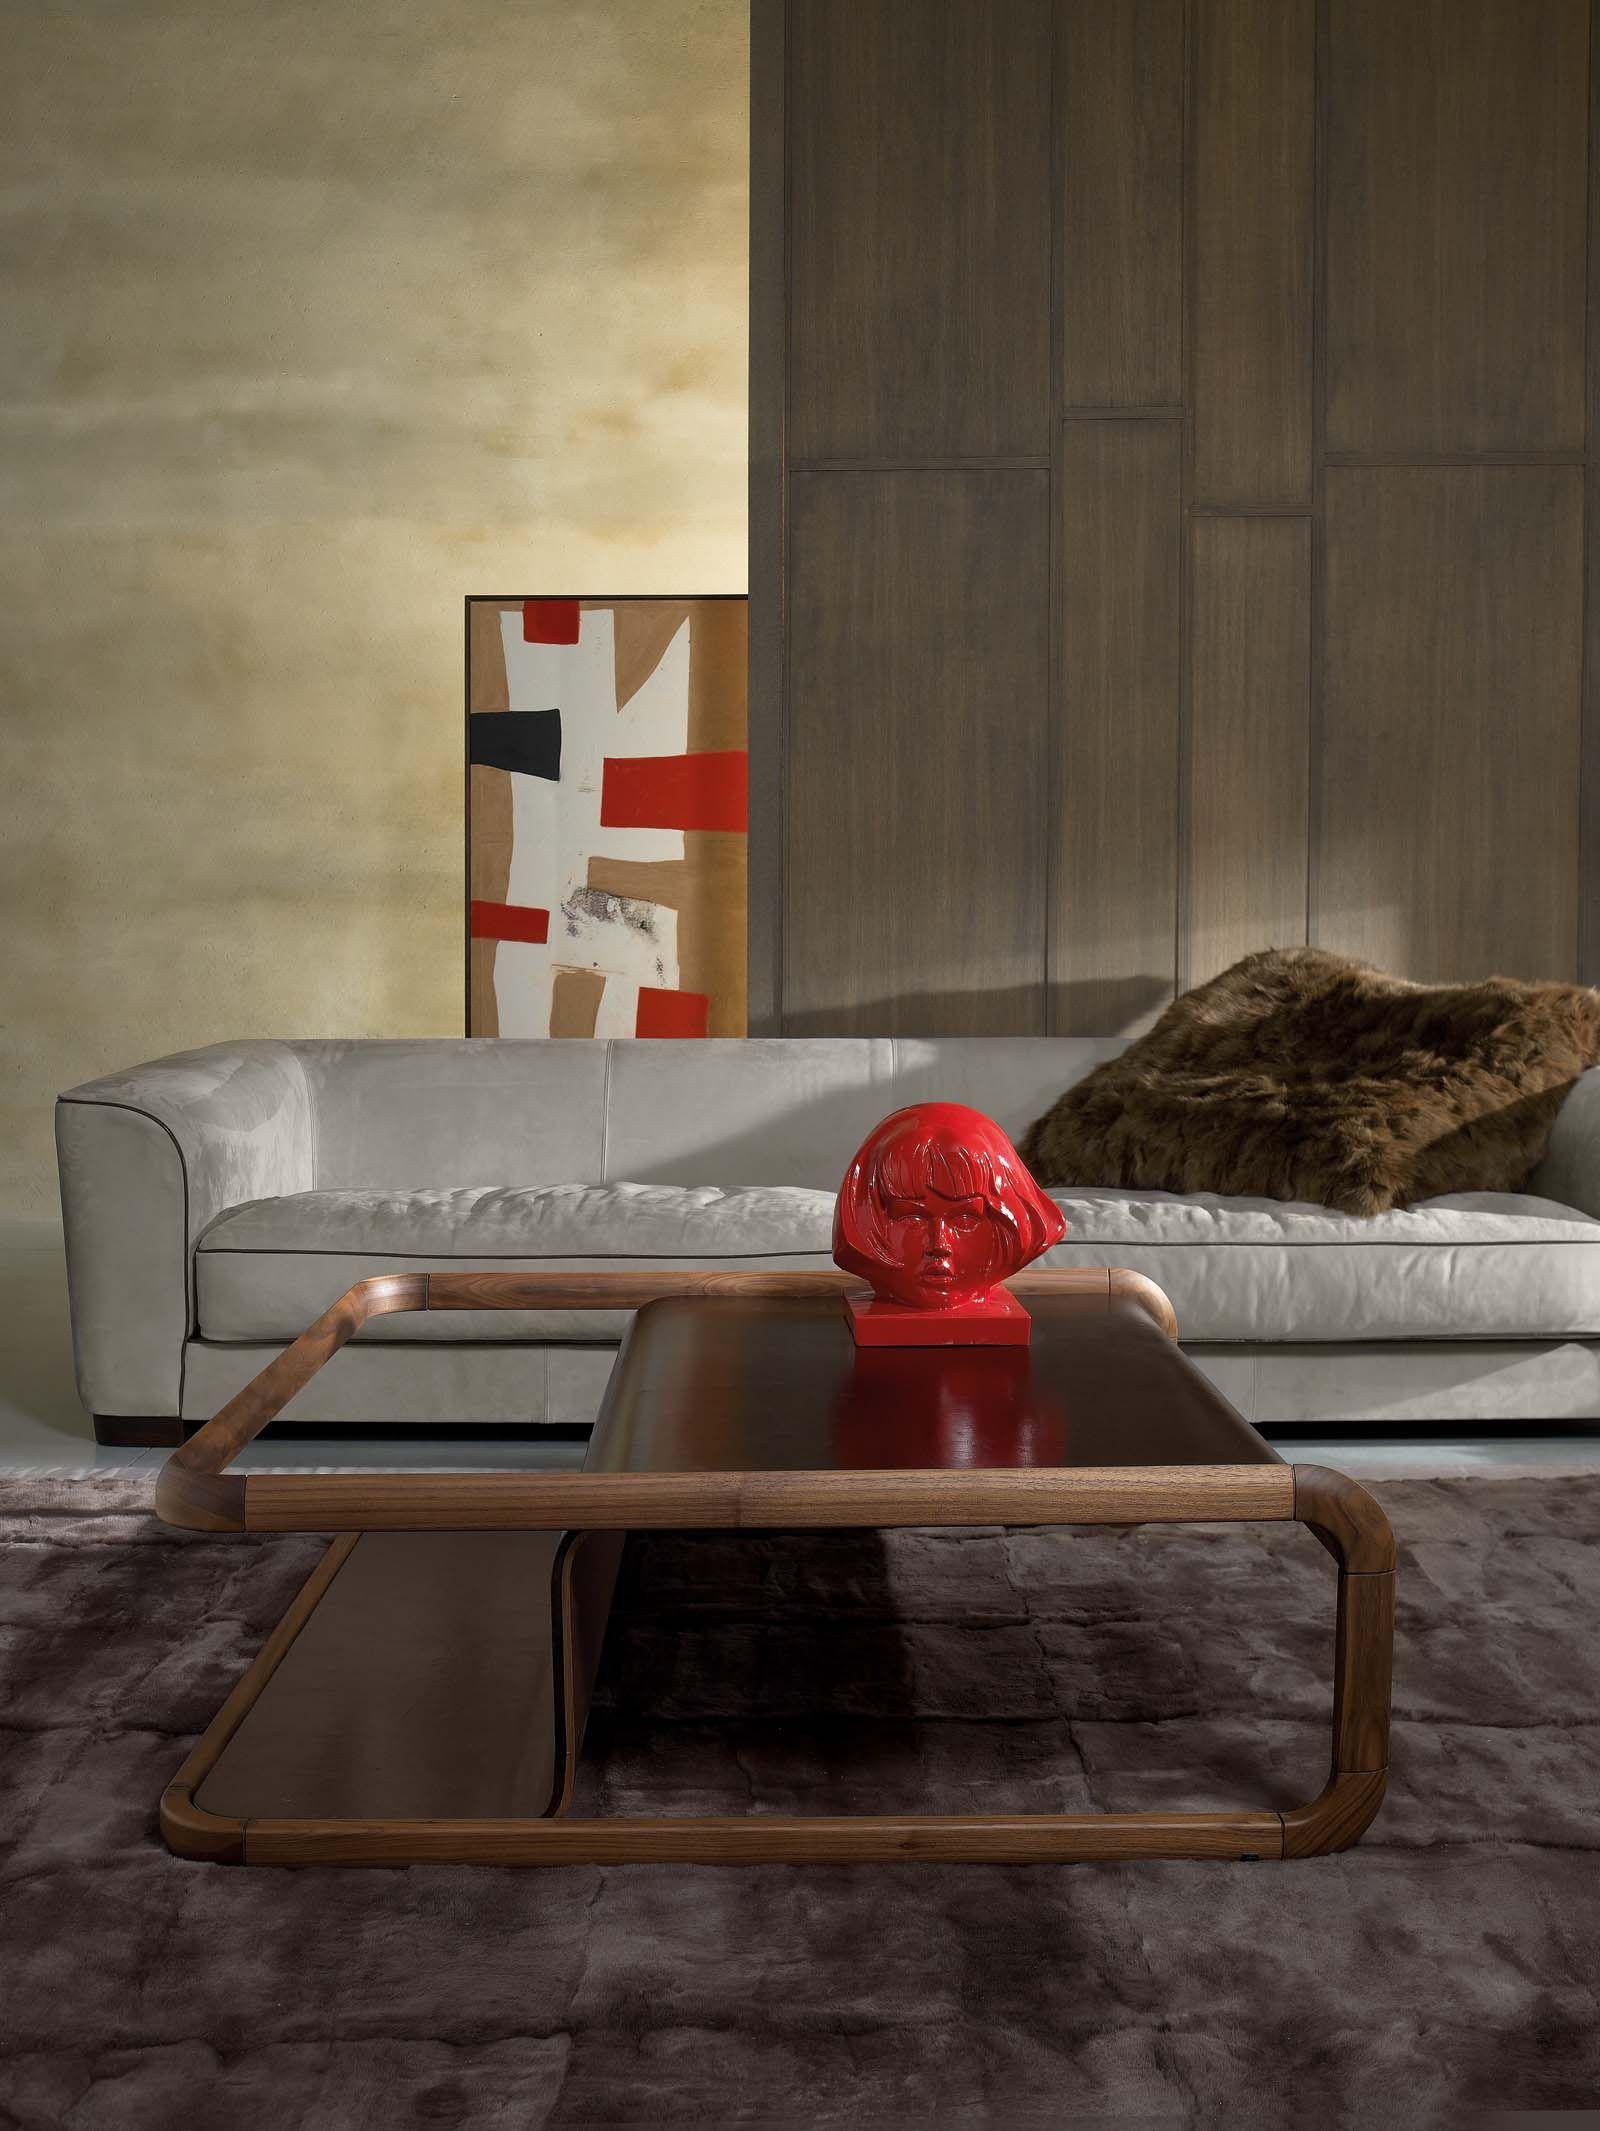 Ulivi - Doom Luxury Cocktail Table | F-table | Pinterest